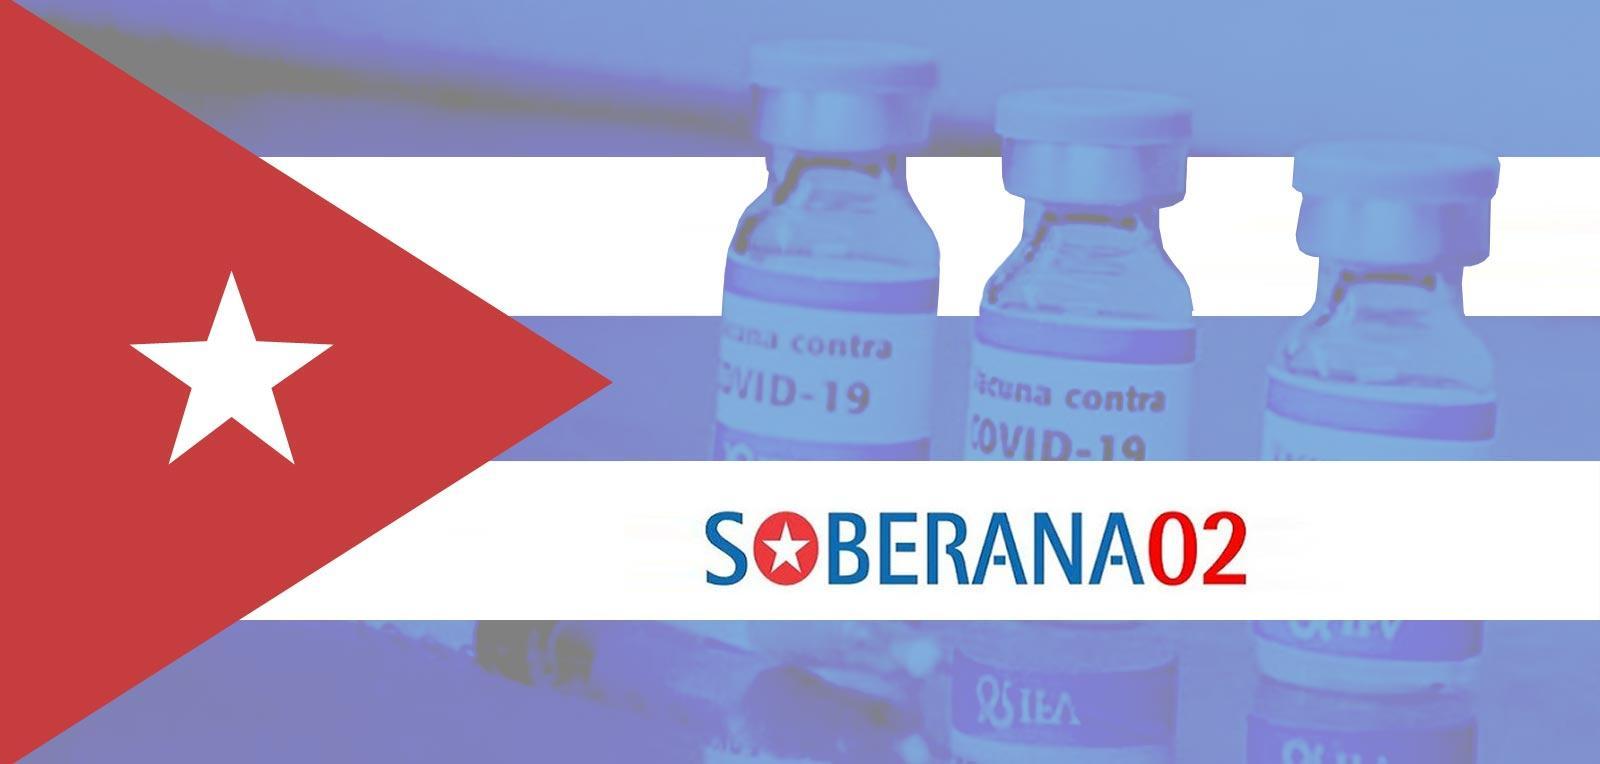 چرا کوبا واکسن «سوبرانا-۰۲» را با ایران شریک شد؟